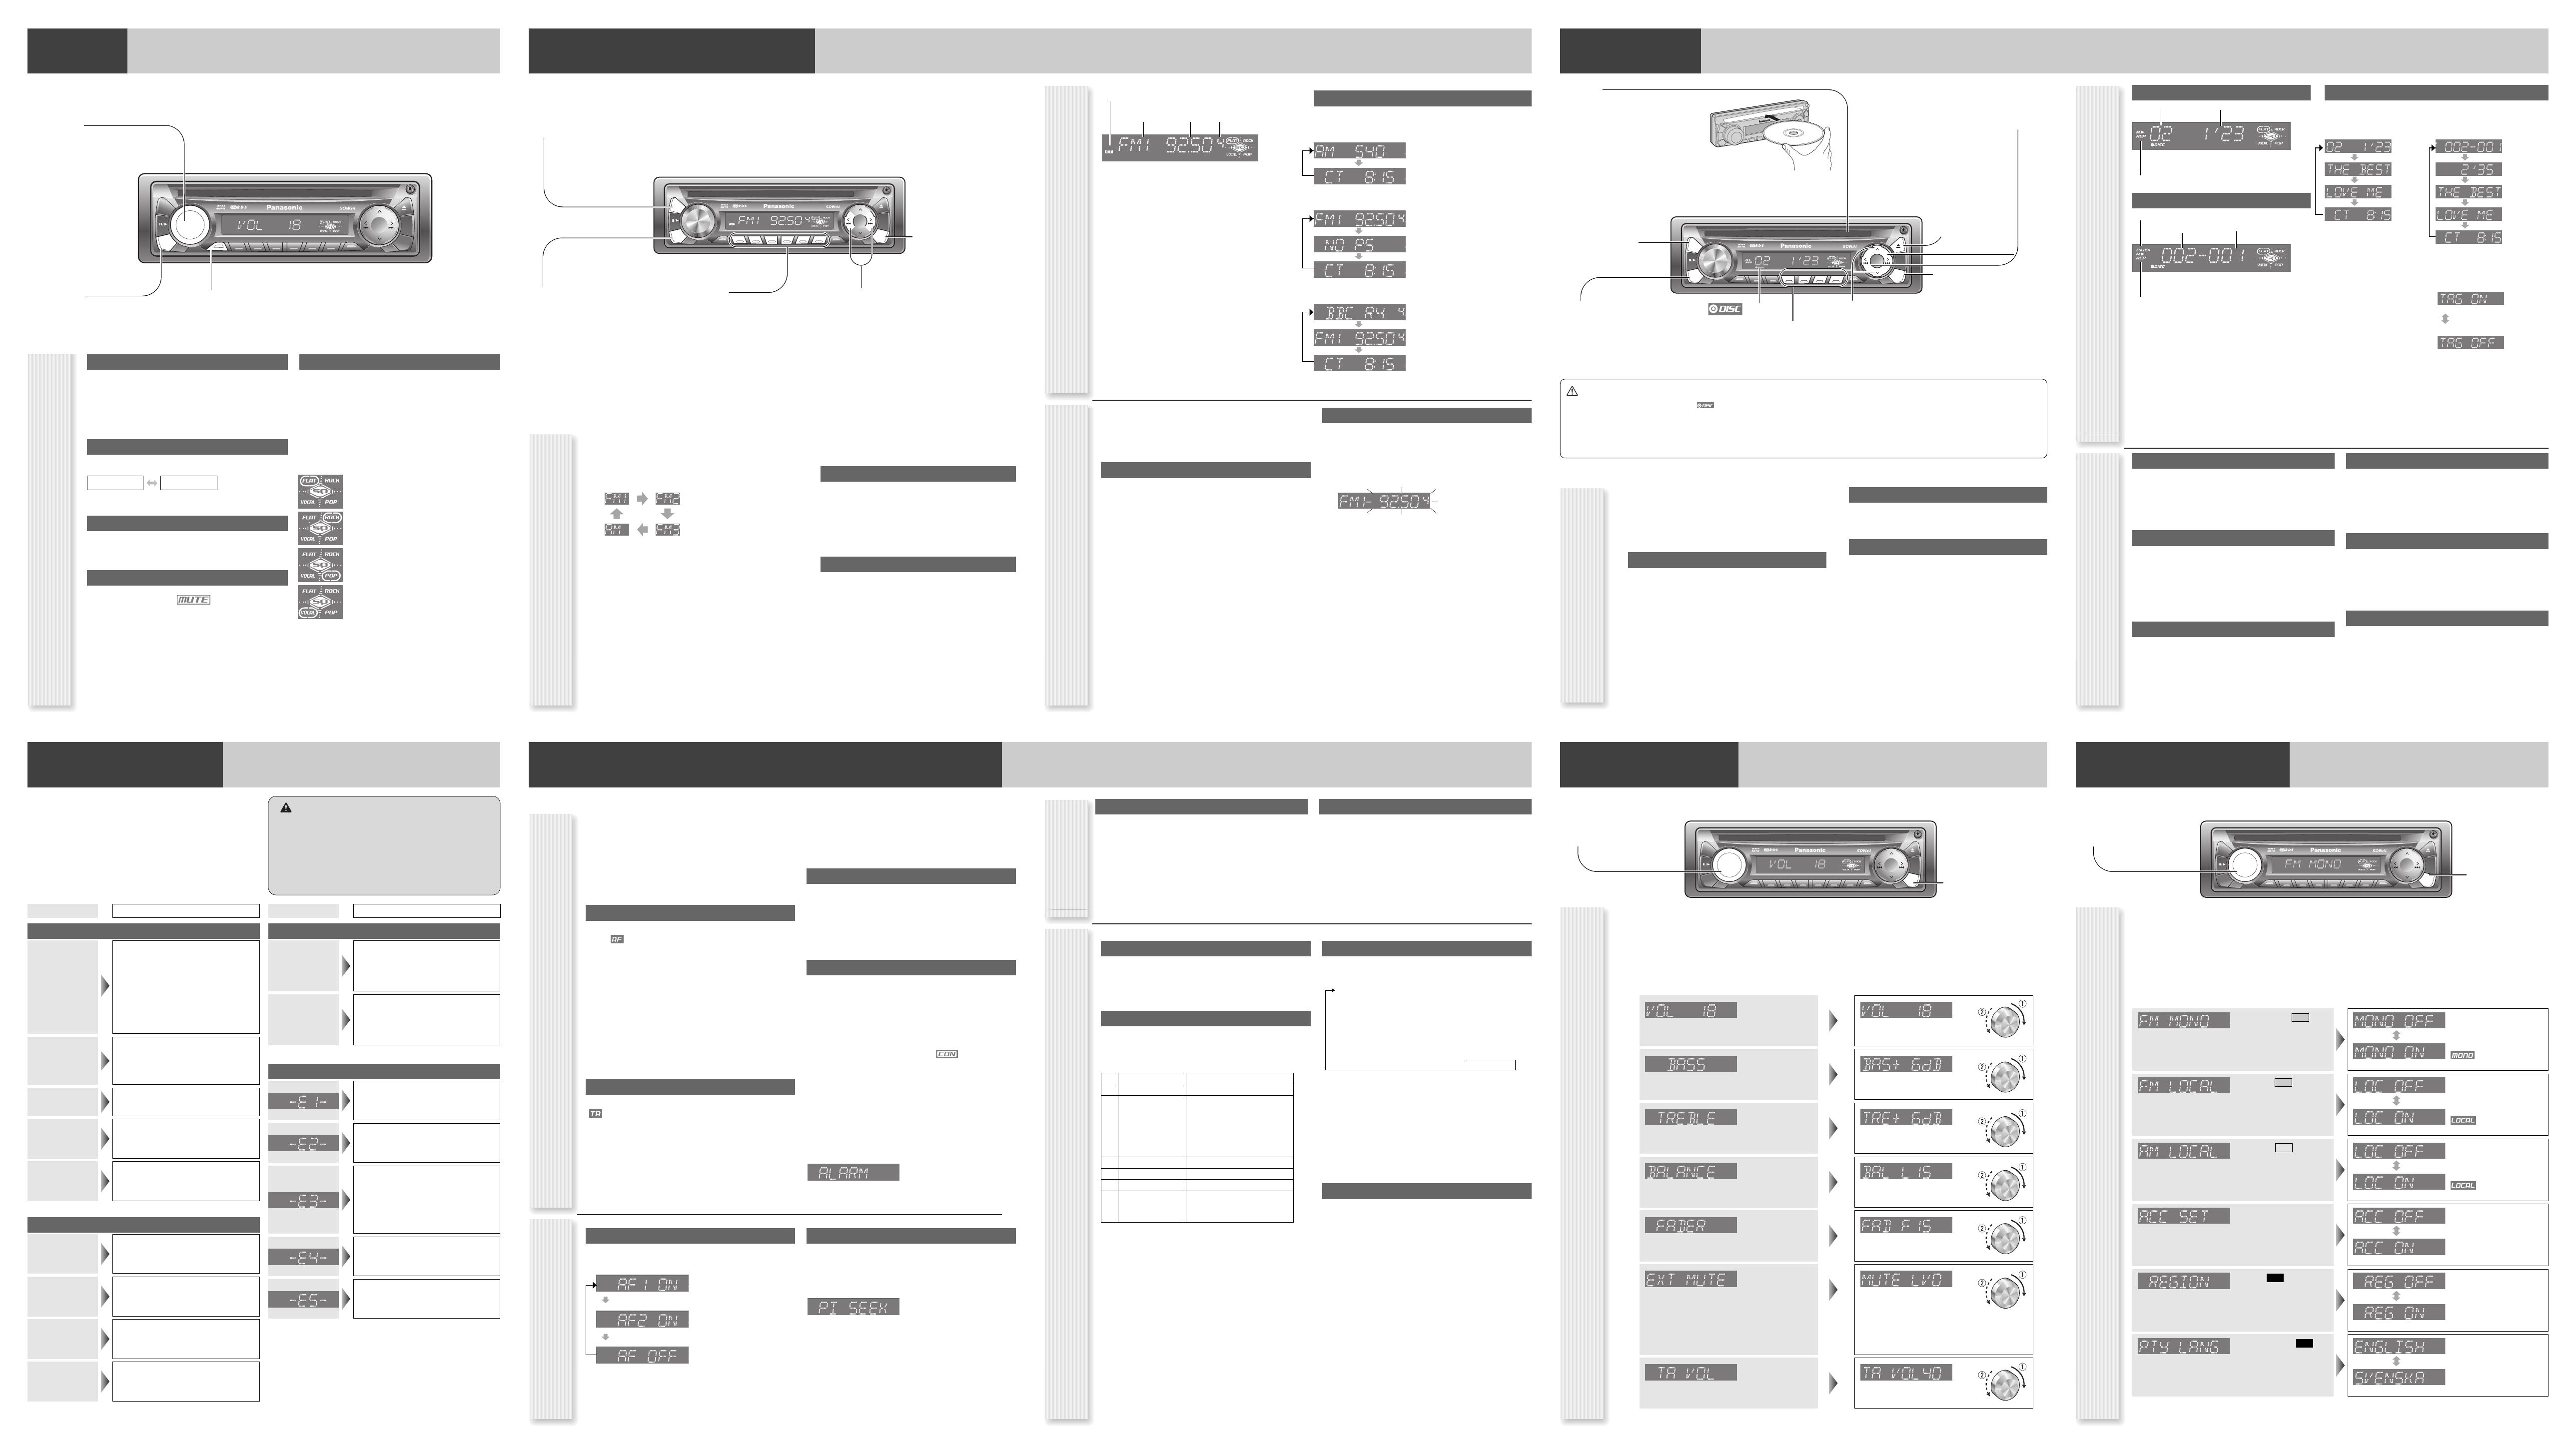 Handleiding Panasonic cq-c1312 (pagina 1 van 4) (English)